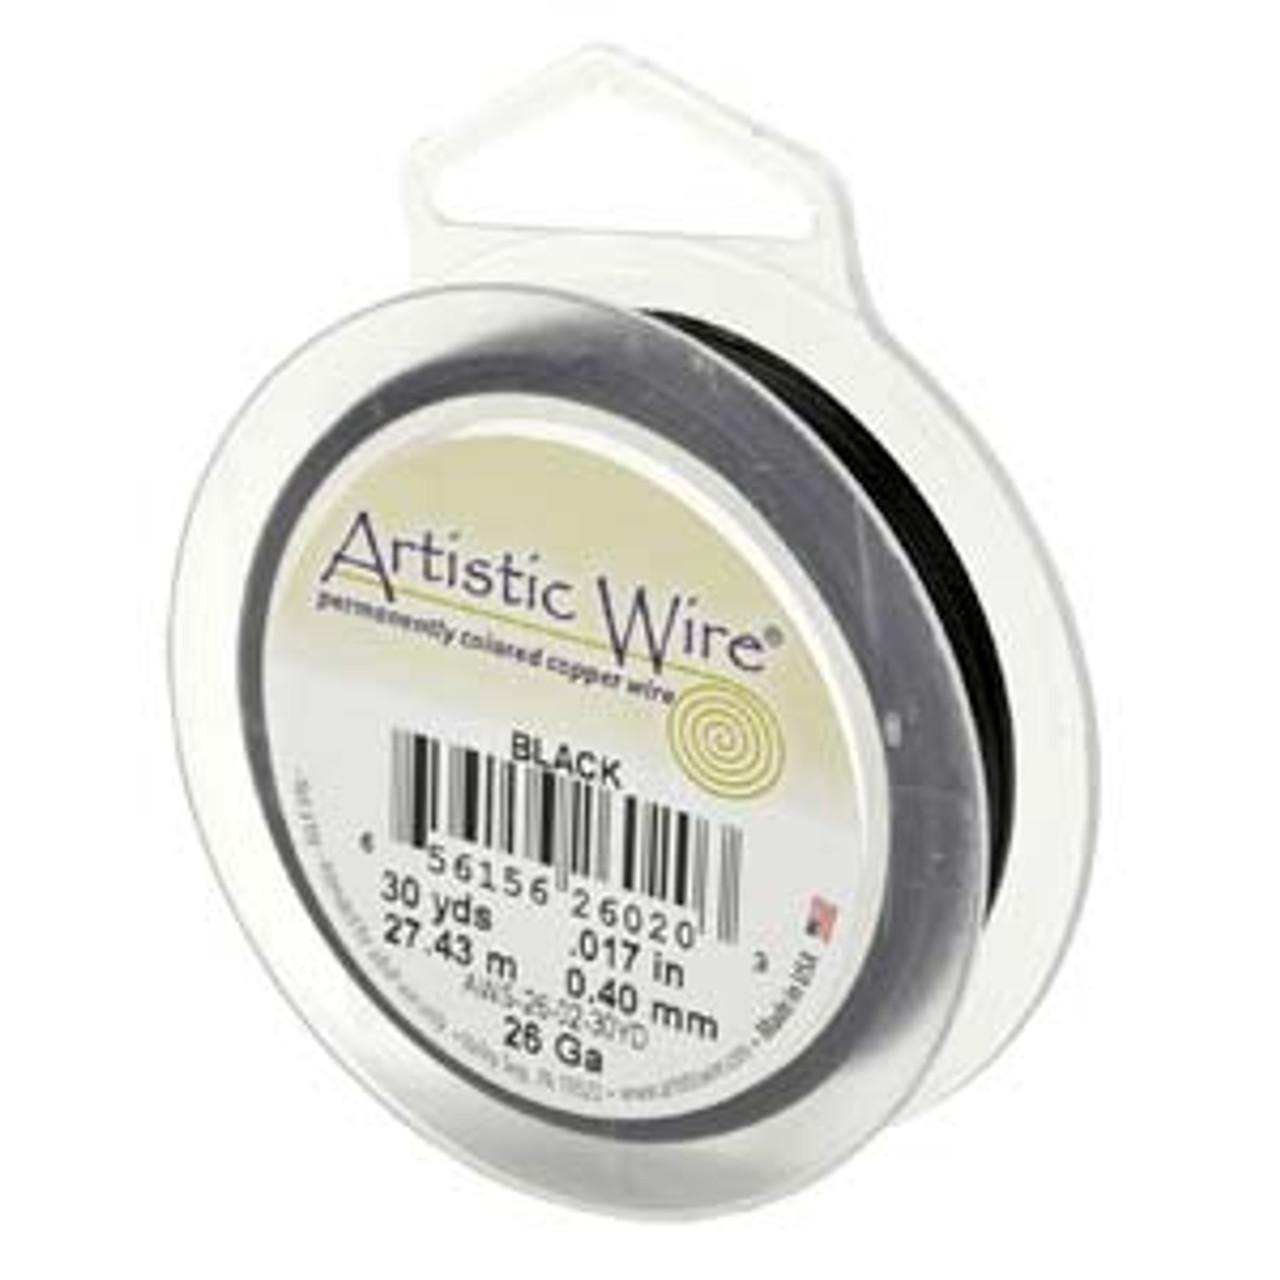 22ga Black Artistic Wire